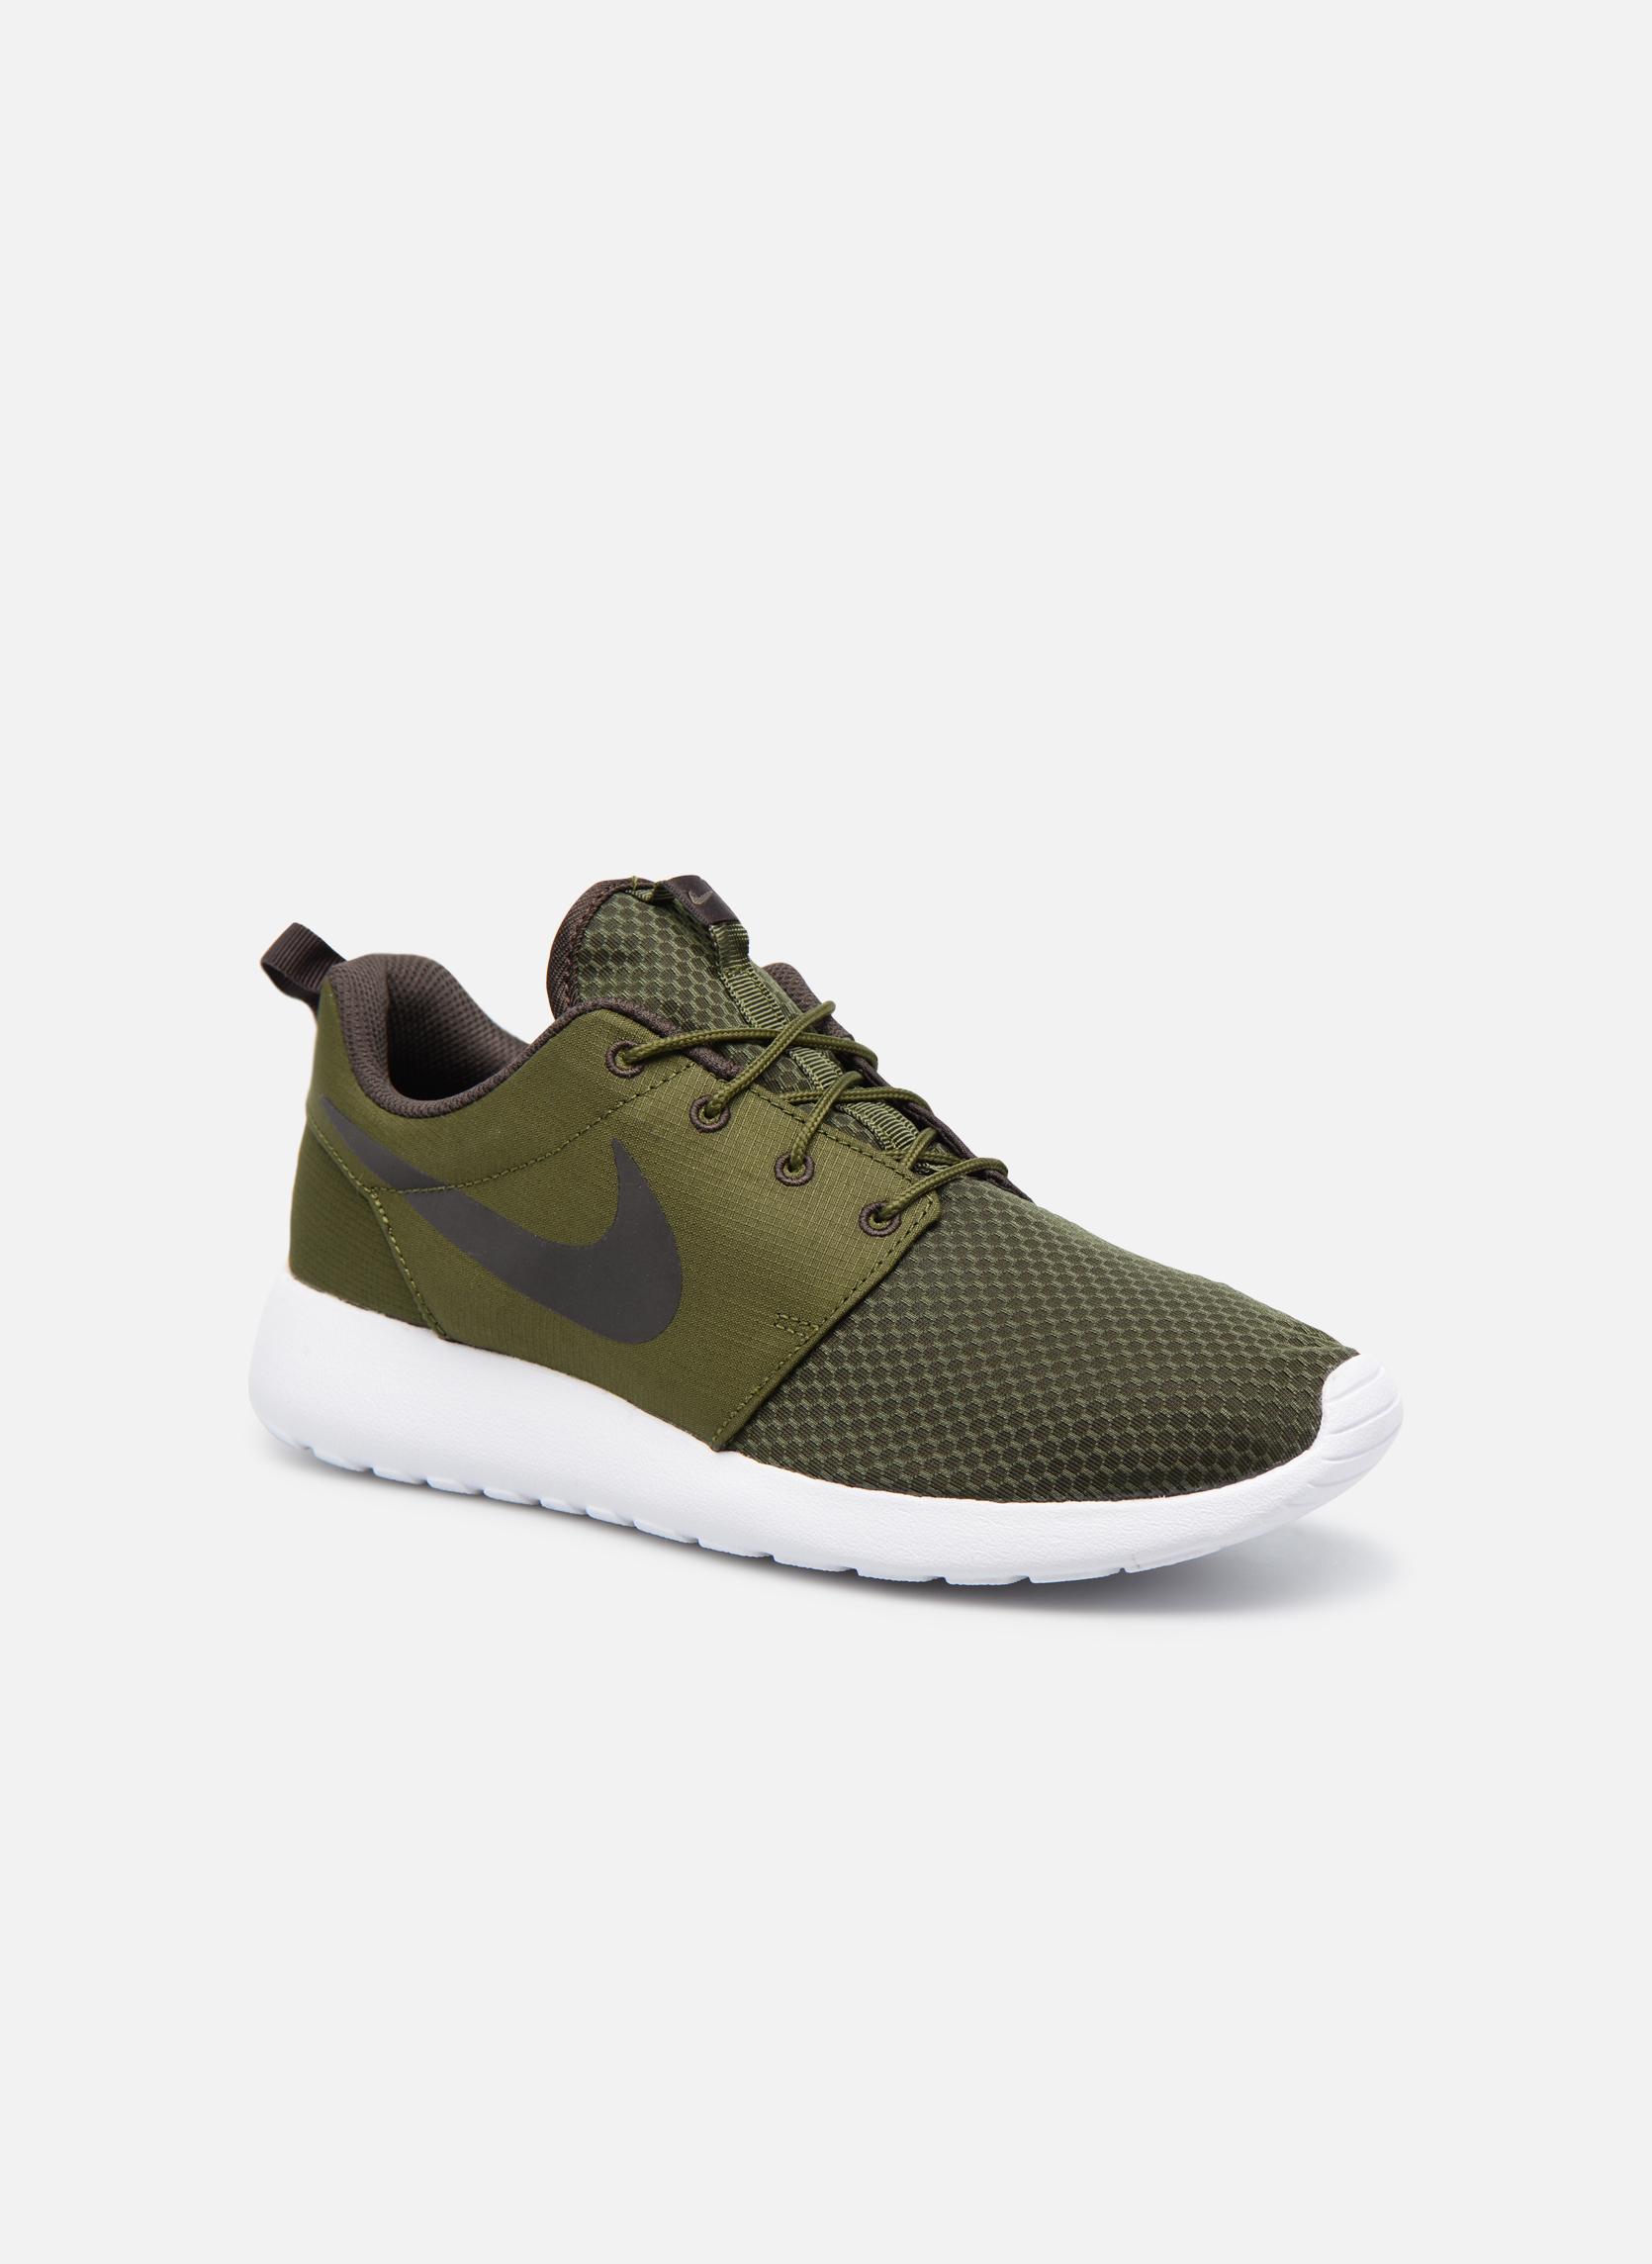 online retailer ec07f 93a89 ... Nike Roshe One Se Legion Green Velvet Brown-Velvet Brown ...